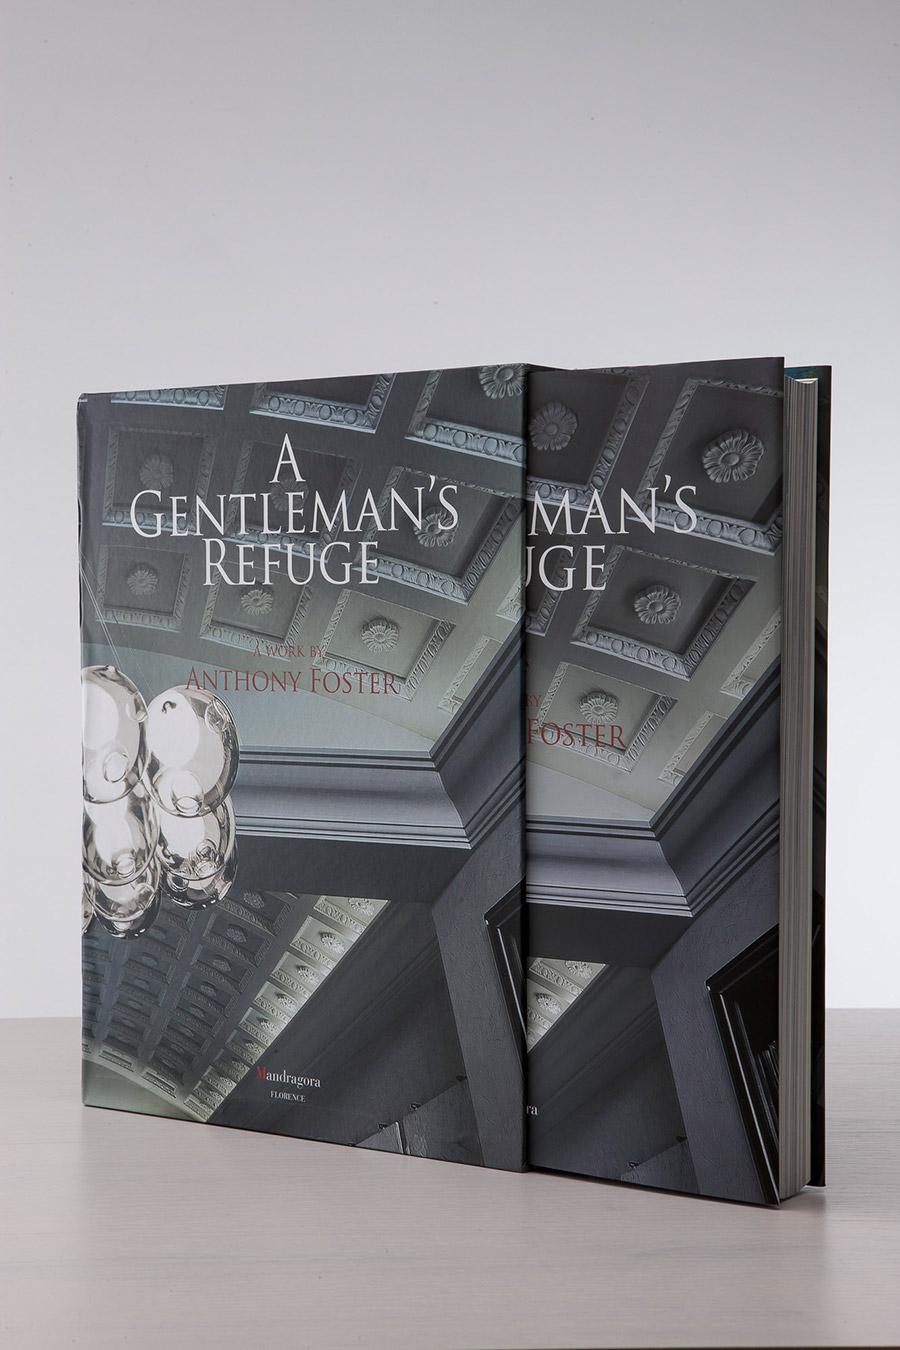 GentlemanRefuge-005